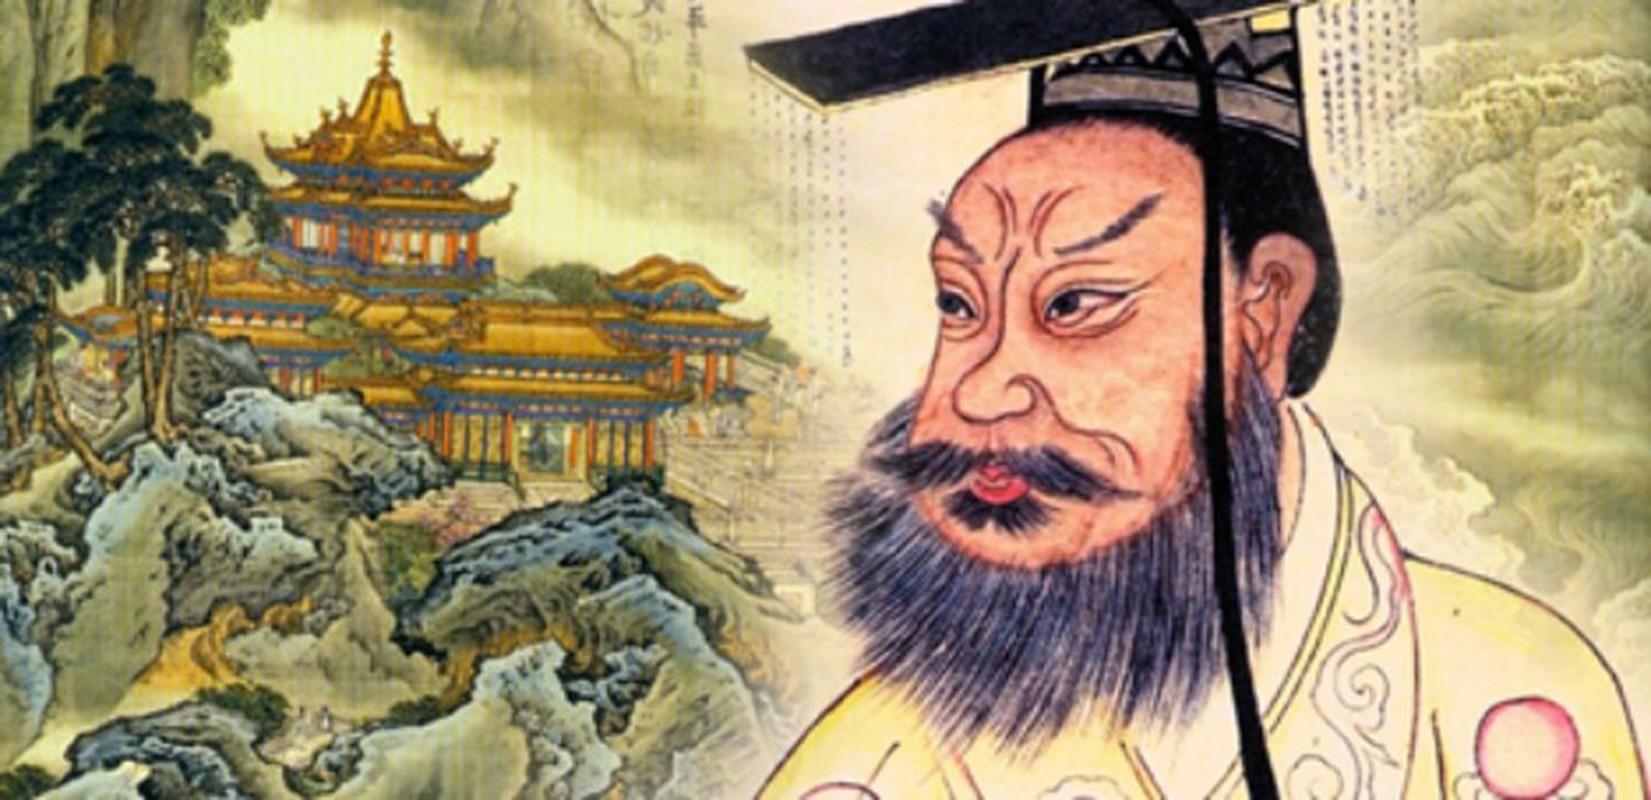 Tan Thuy Hoang bi hoang tuong, so bi thuy quai giet chet-Hinh-7